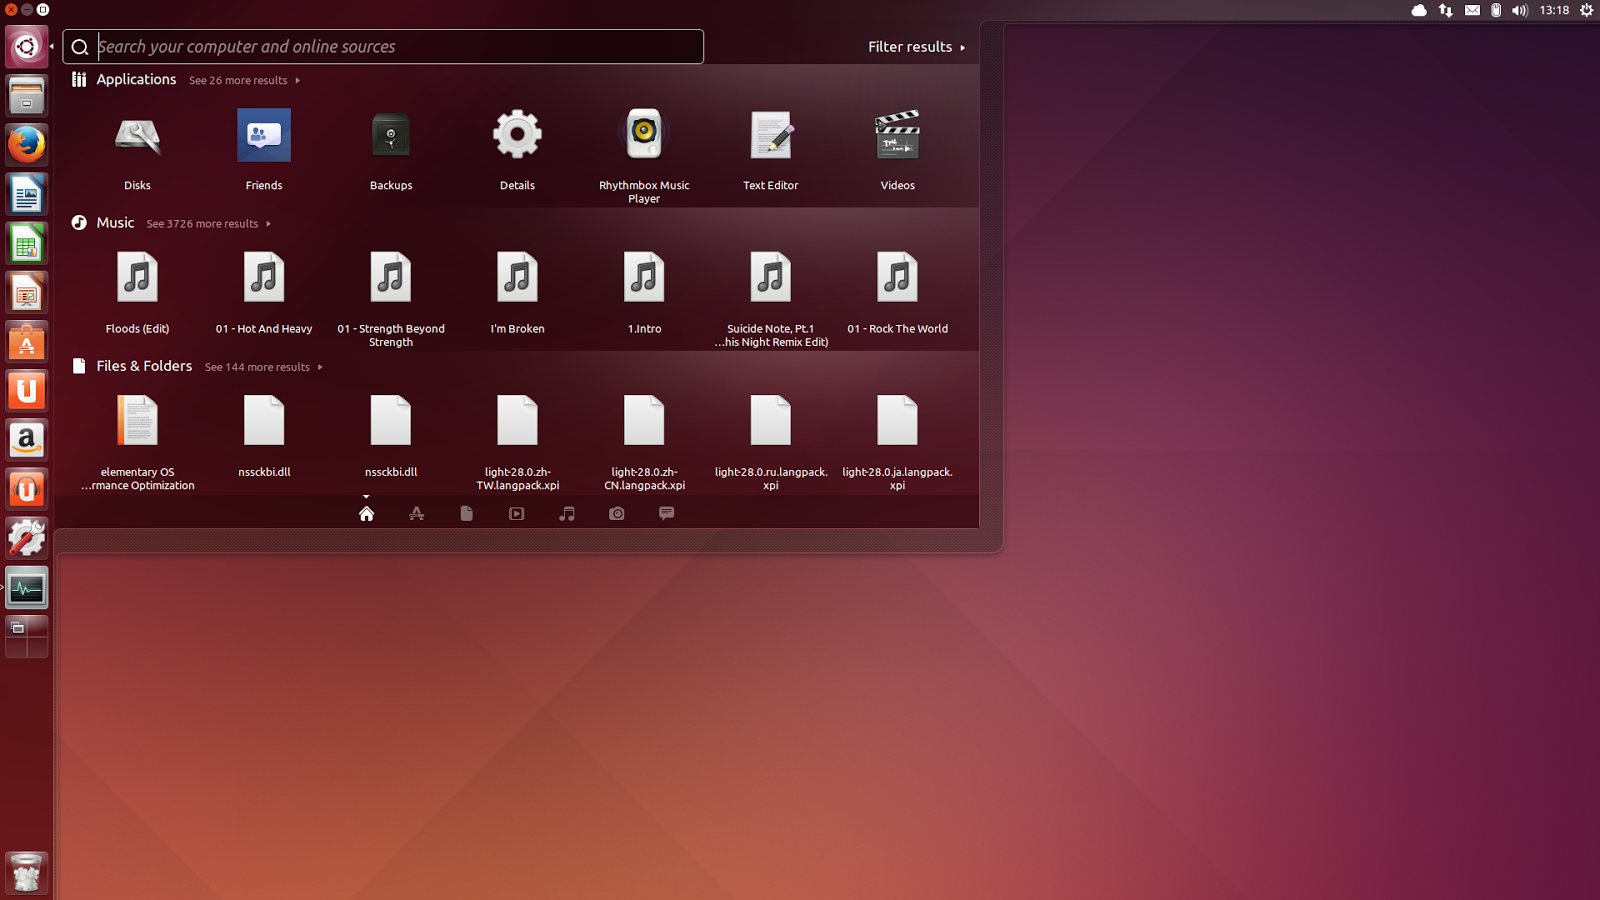 Скачать ubuntu (убунту) 18. 04. 1 lts бесплатно на базе debian.